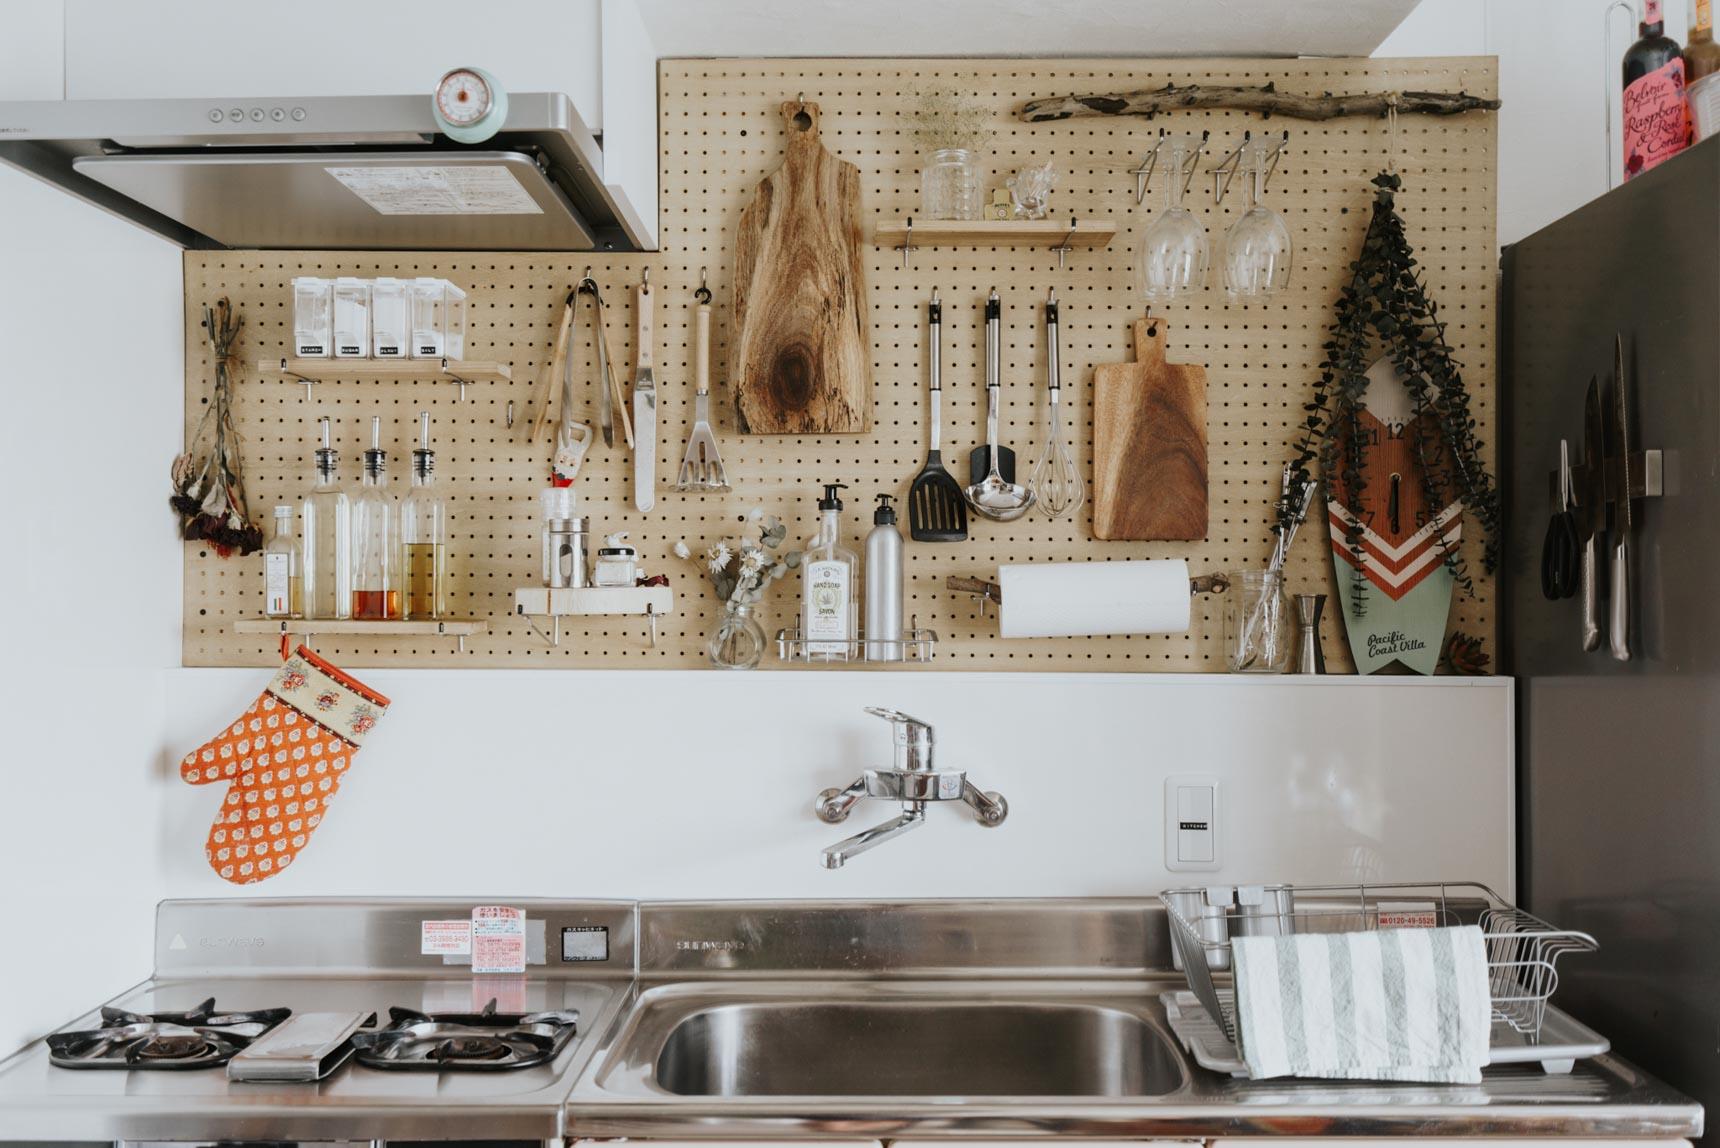 よく使うキッチンアイテムの収納にも便利。有孔ボードなら置きたいものに合わせて気軽に配置を変えられます。